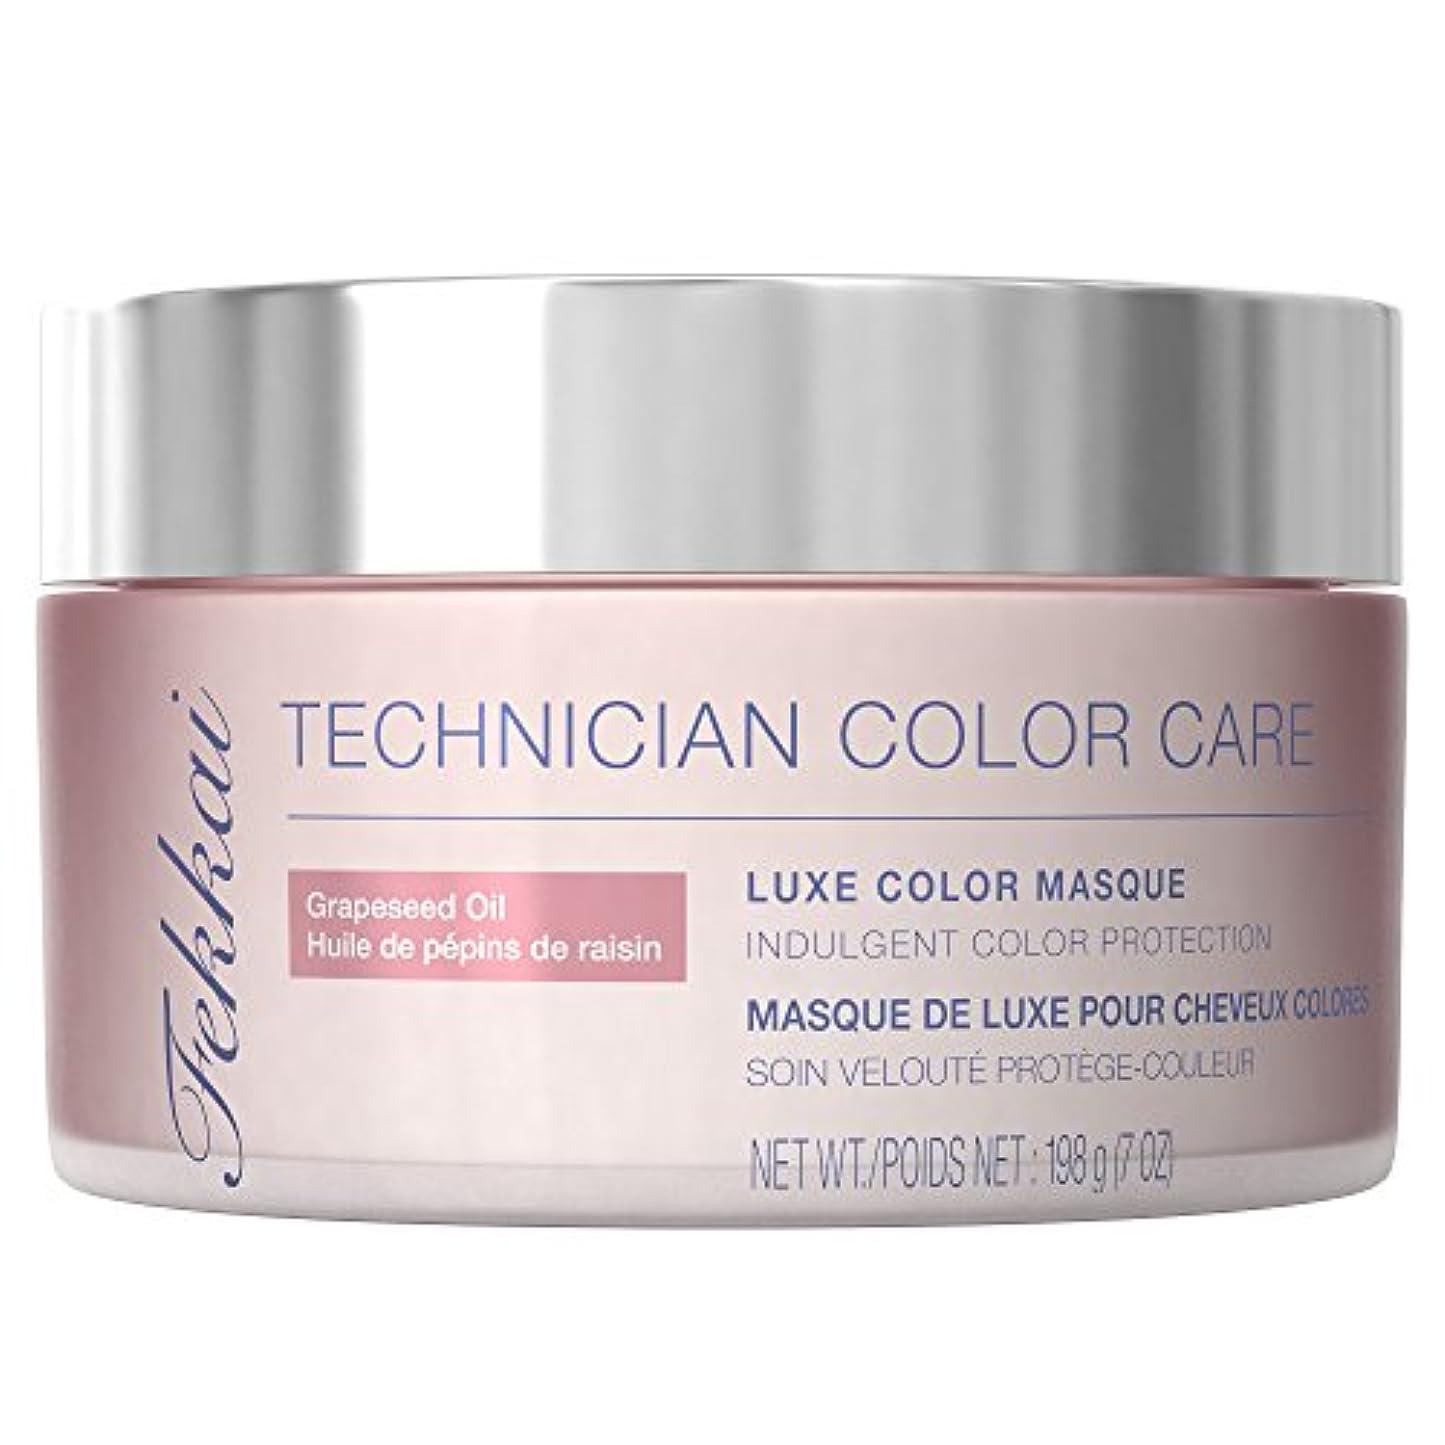 ウィザードピボット手配するフレデリックフェッカイ Technician Color Care Luxe Color Masque (Indulgent Color Protection) 198g/7oz [海外直送品]